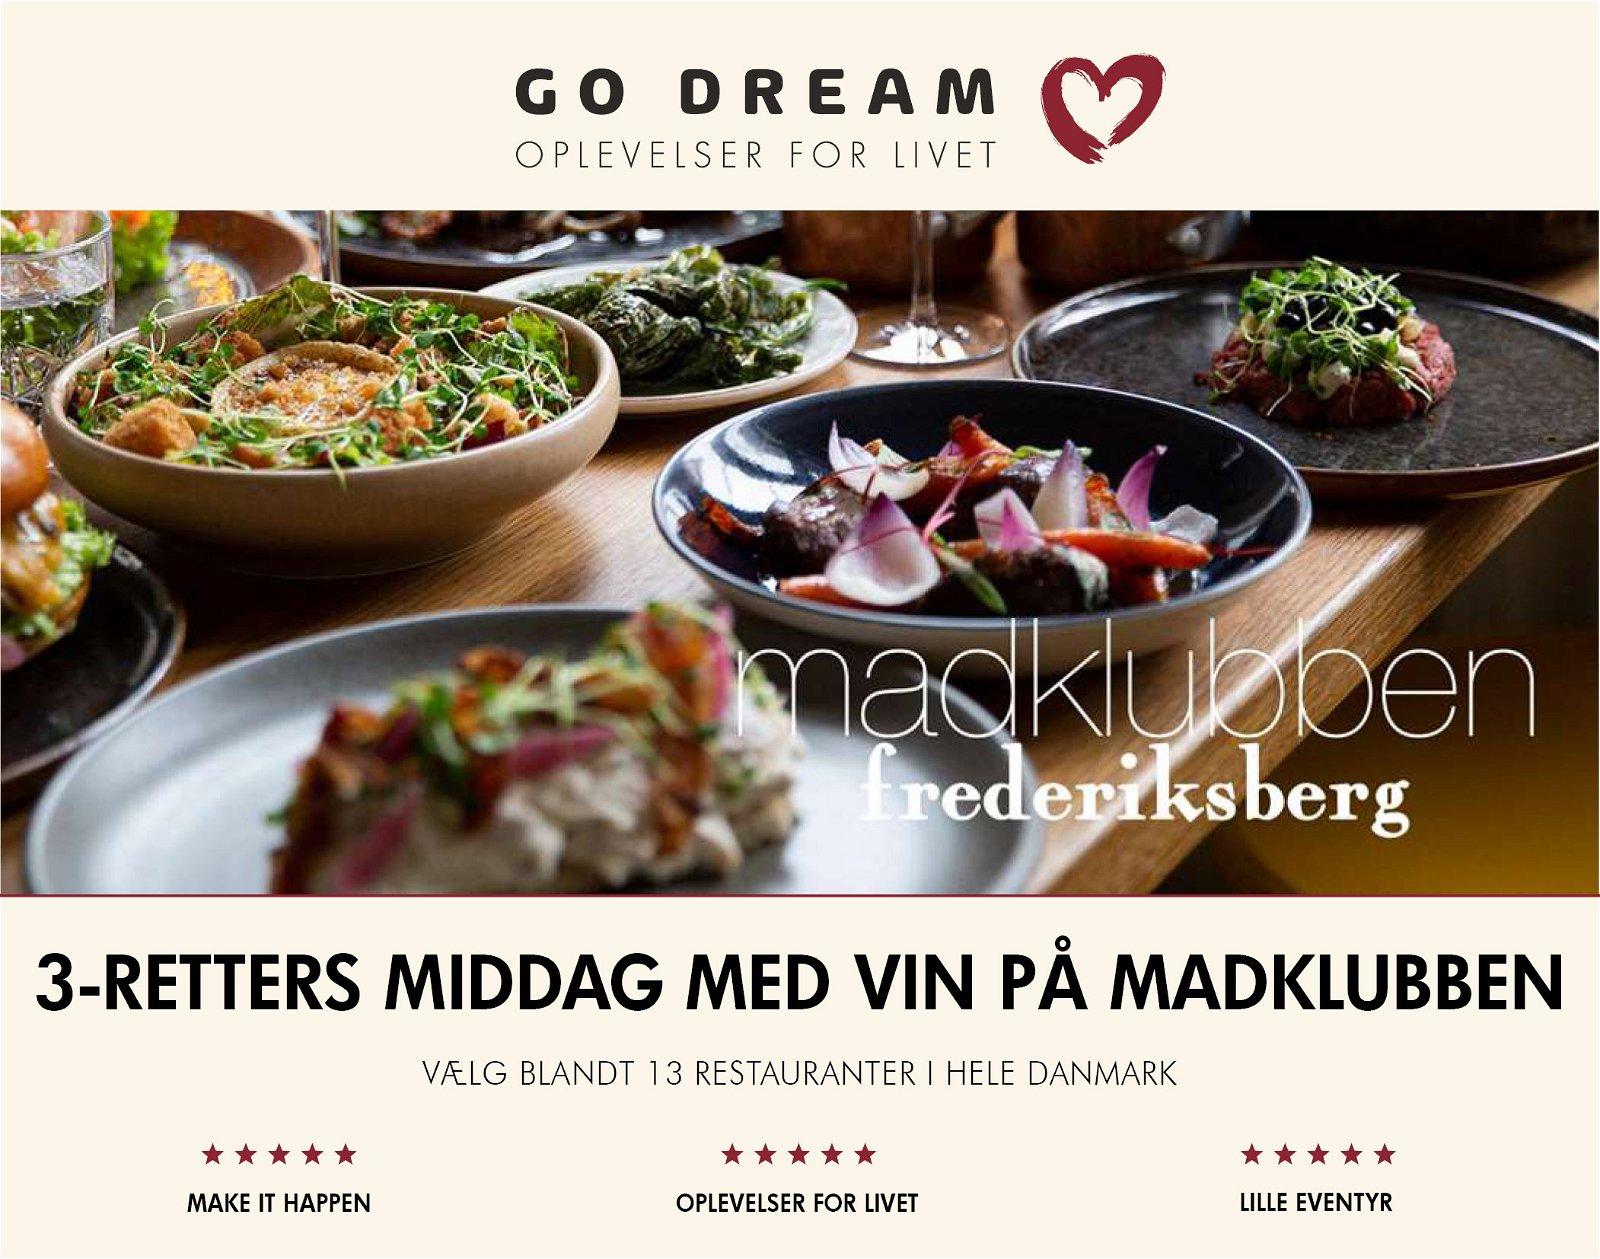 Go Dream 3-retters middag med vin på Madklubben